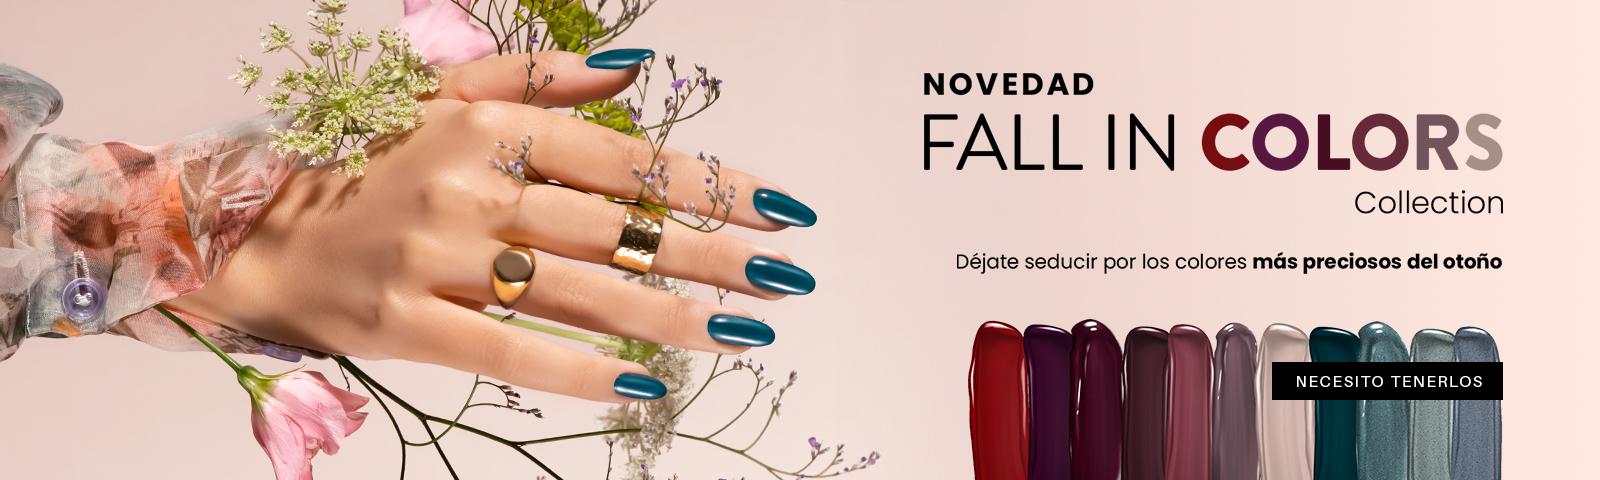 Fall in Colors NUEVA COLECCIÓN DE OTOÑO  ¡DESCUBRE!